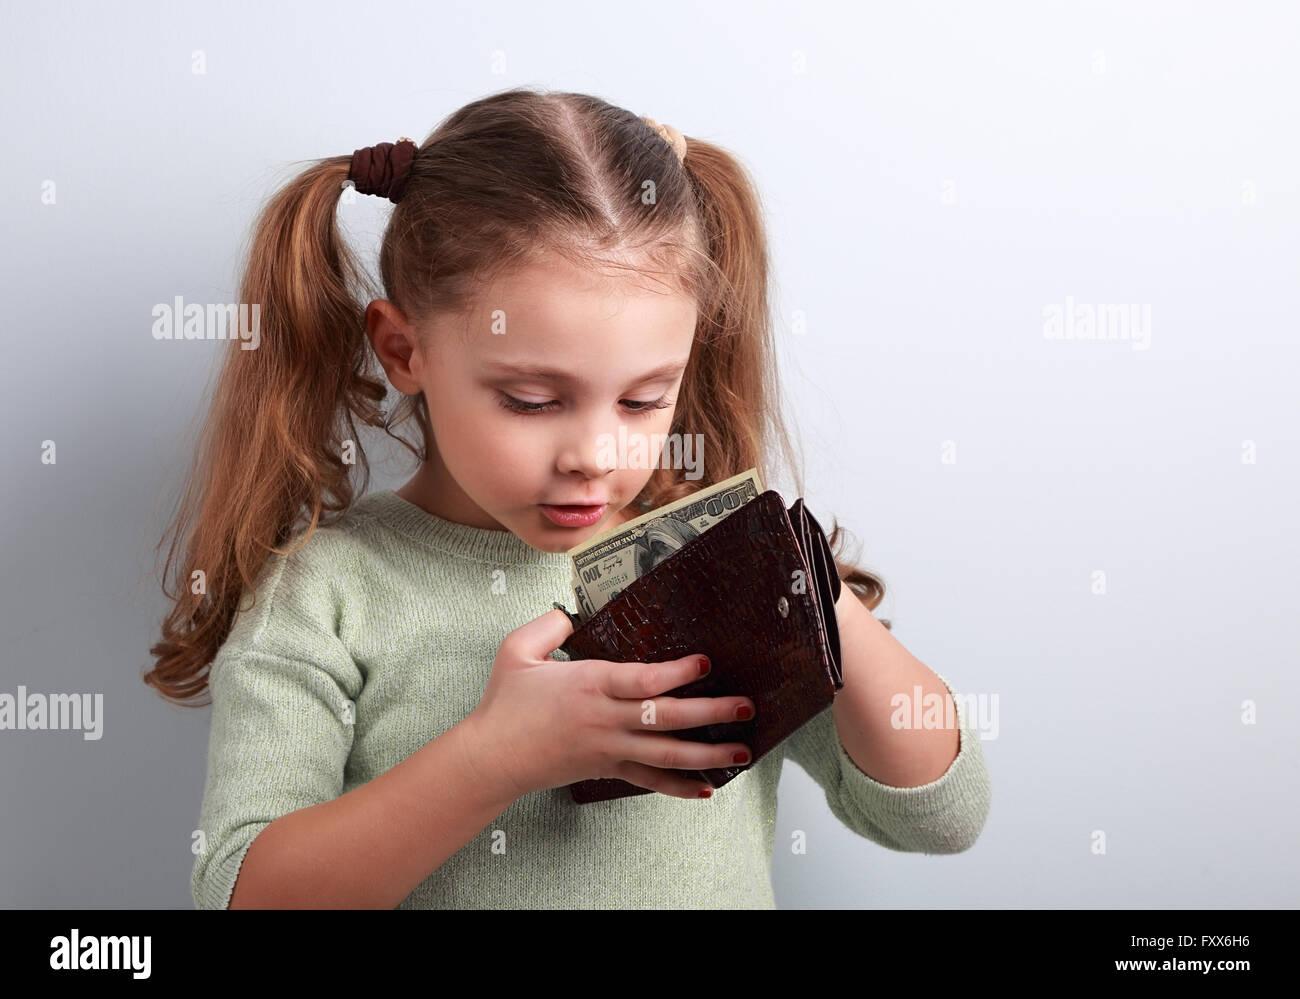 Niedliche überraschend kleines Kind Mädchen auf der Suche in Mutter Brieftasche und wollen Geld mit leere Stockbild